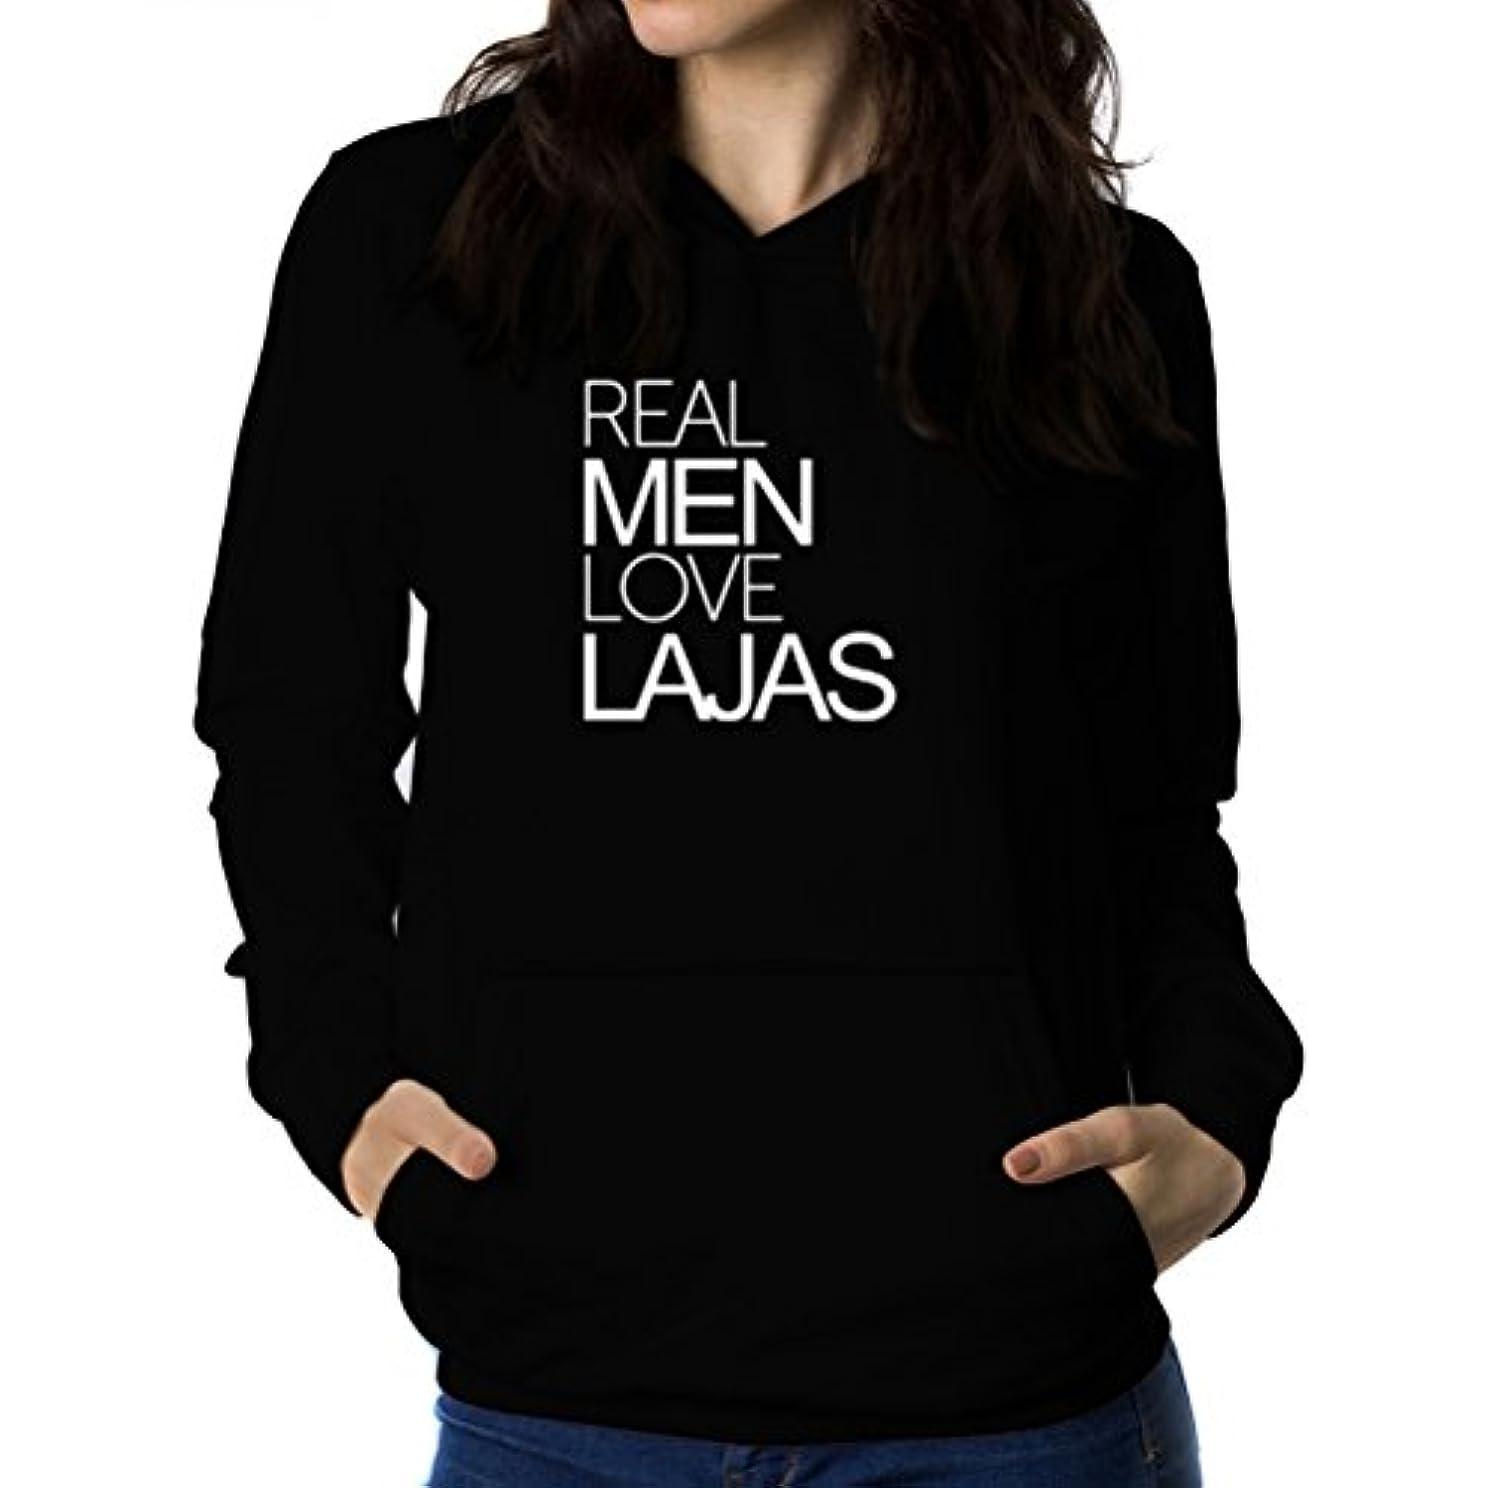 避けるおしゃれじゃない達成可能Real men love Lajas 女性 フーディー